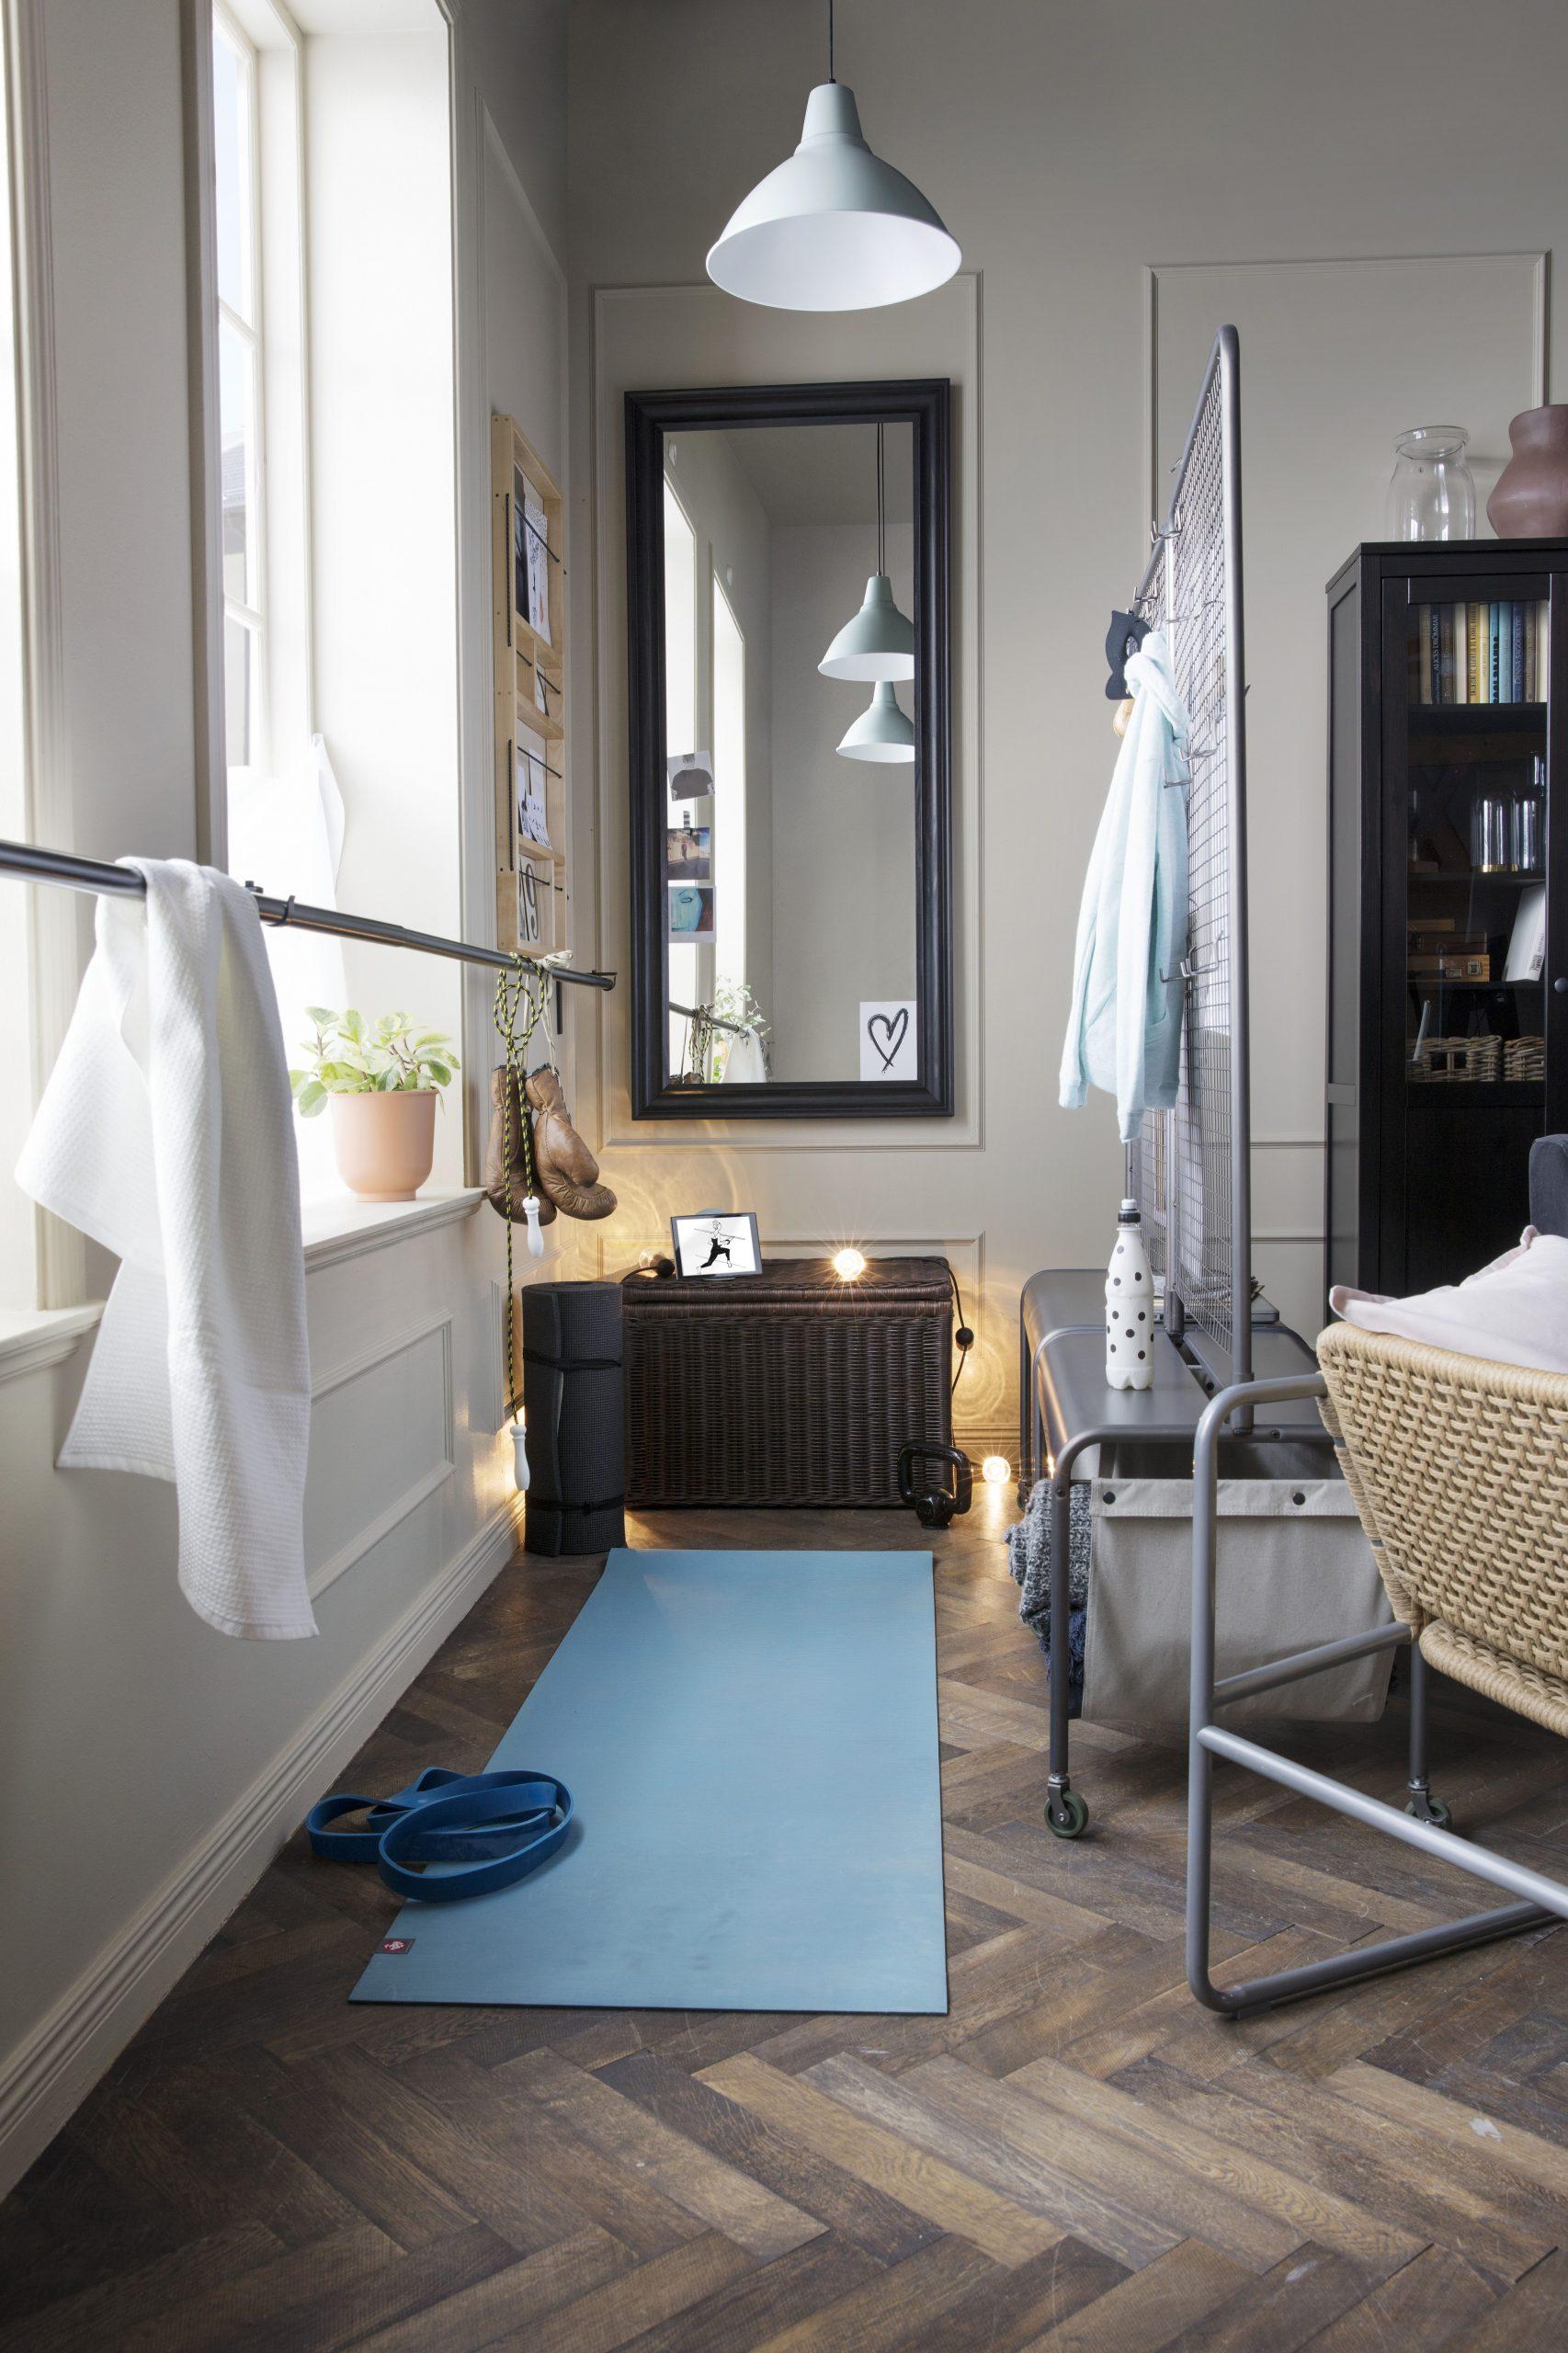 Full Size of Ikea Raumteiler Veberd Naturfarben Deutschland Regal Betten 160x200 Miniküche Küche Kosten Modulküche Kaufen Sofa Mit Schlaffunktion Bei Wohnzimmer Ikea Raumteiler